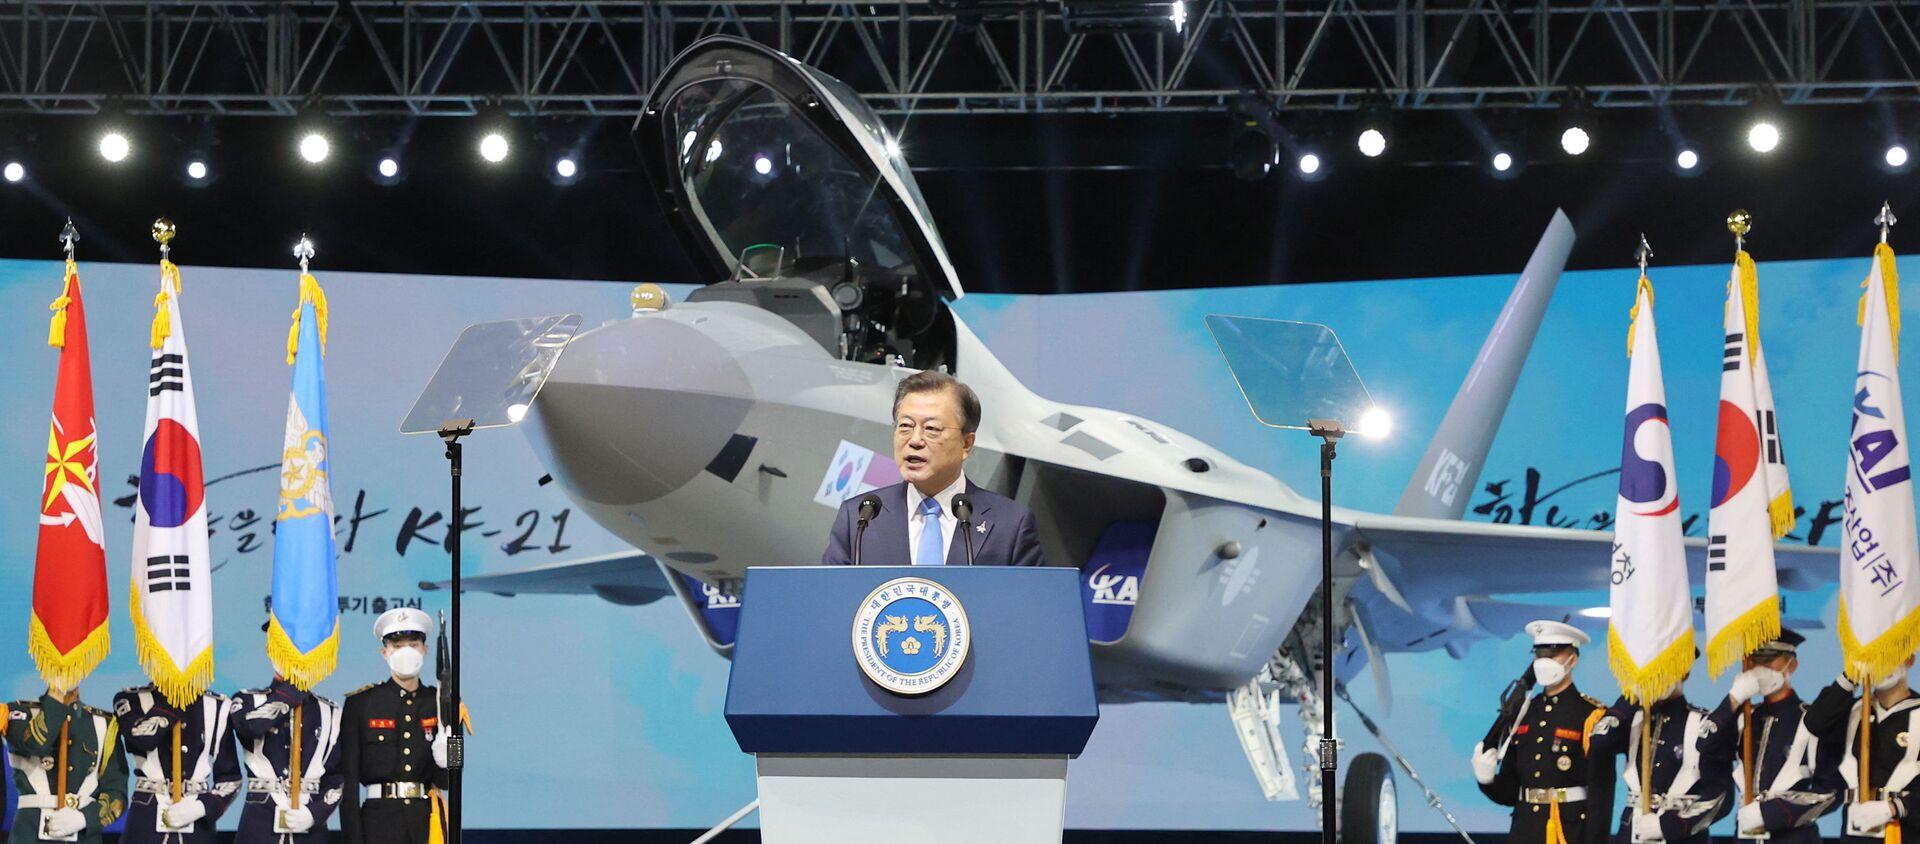 Le Président sud-coréen Moon Jae-in à Sacheon, le 9 avril 2021 - Sputnik France, 1920, 19.04.2021